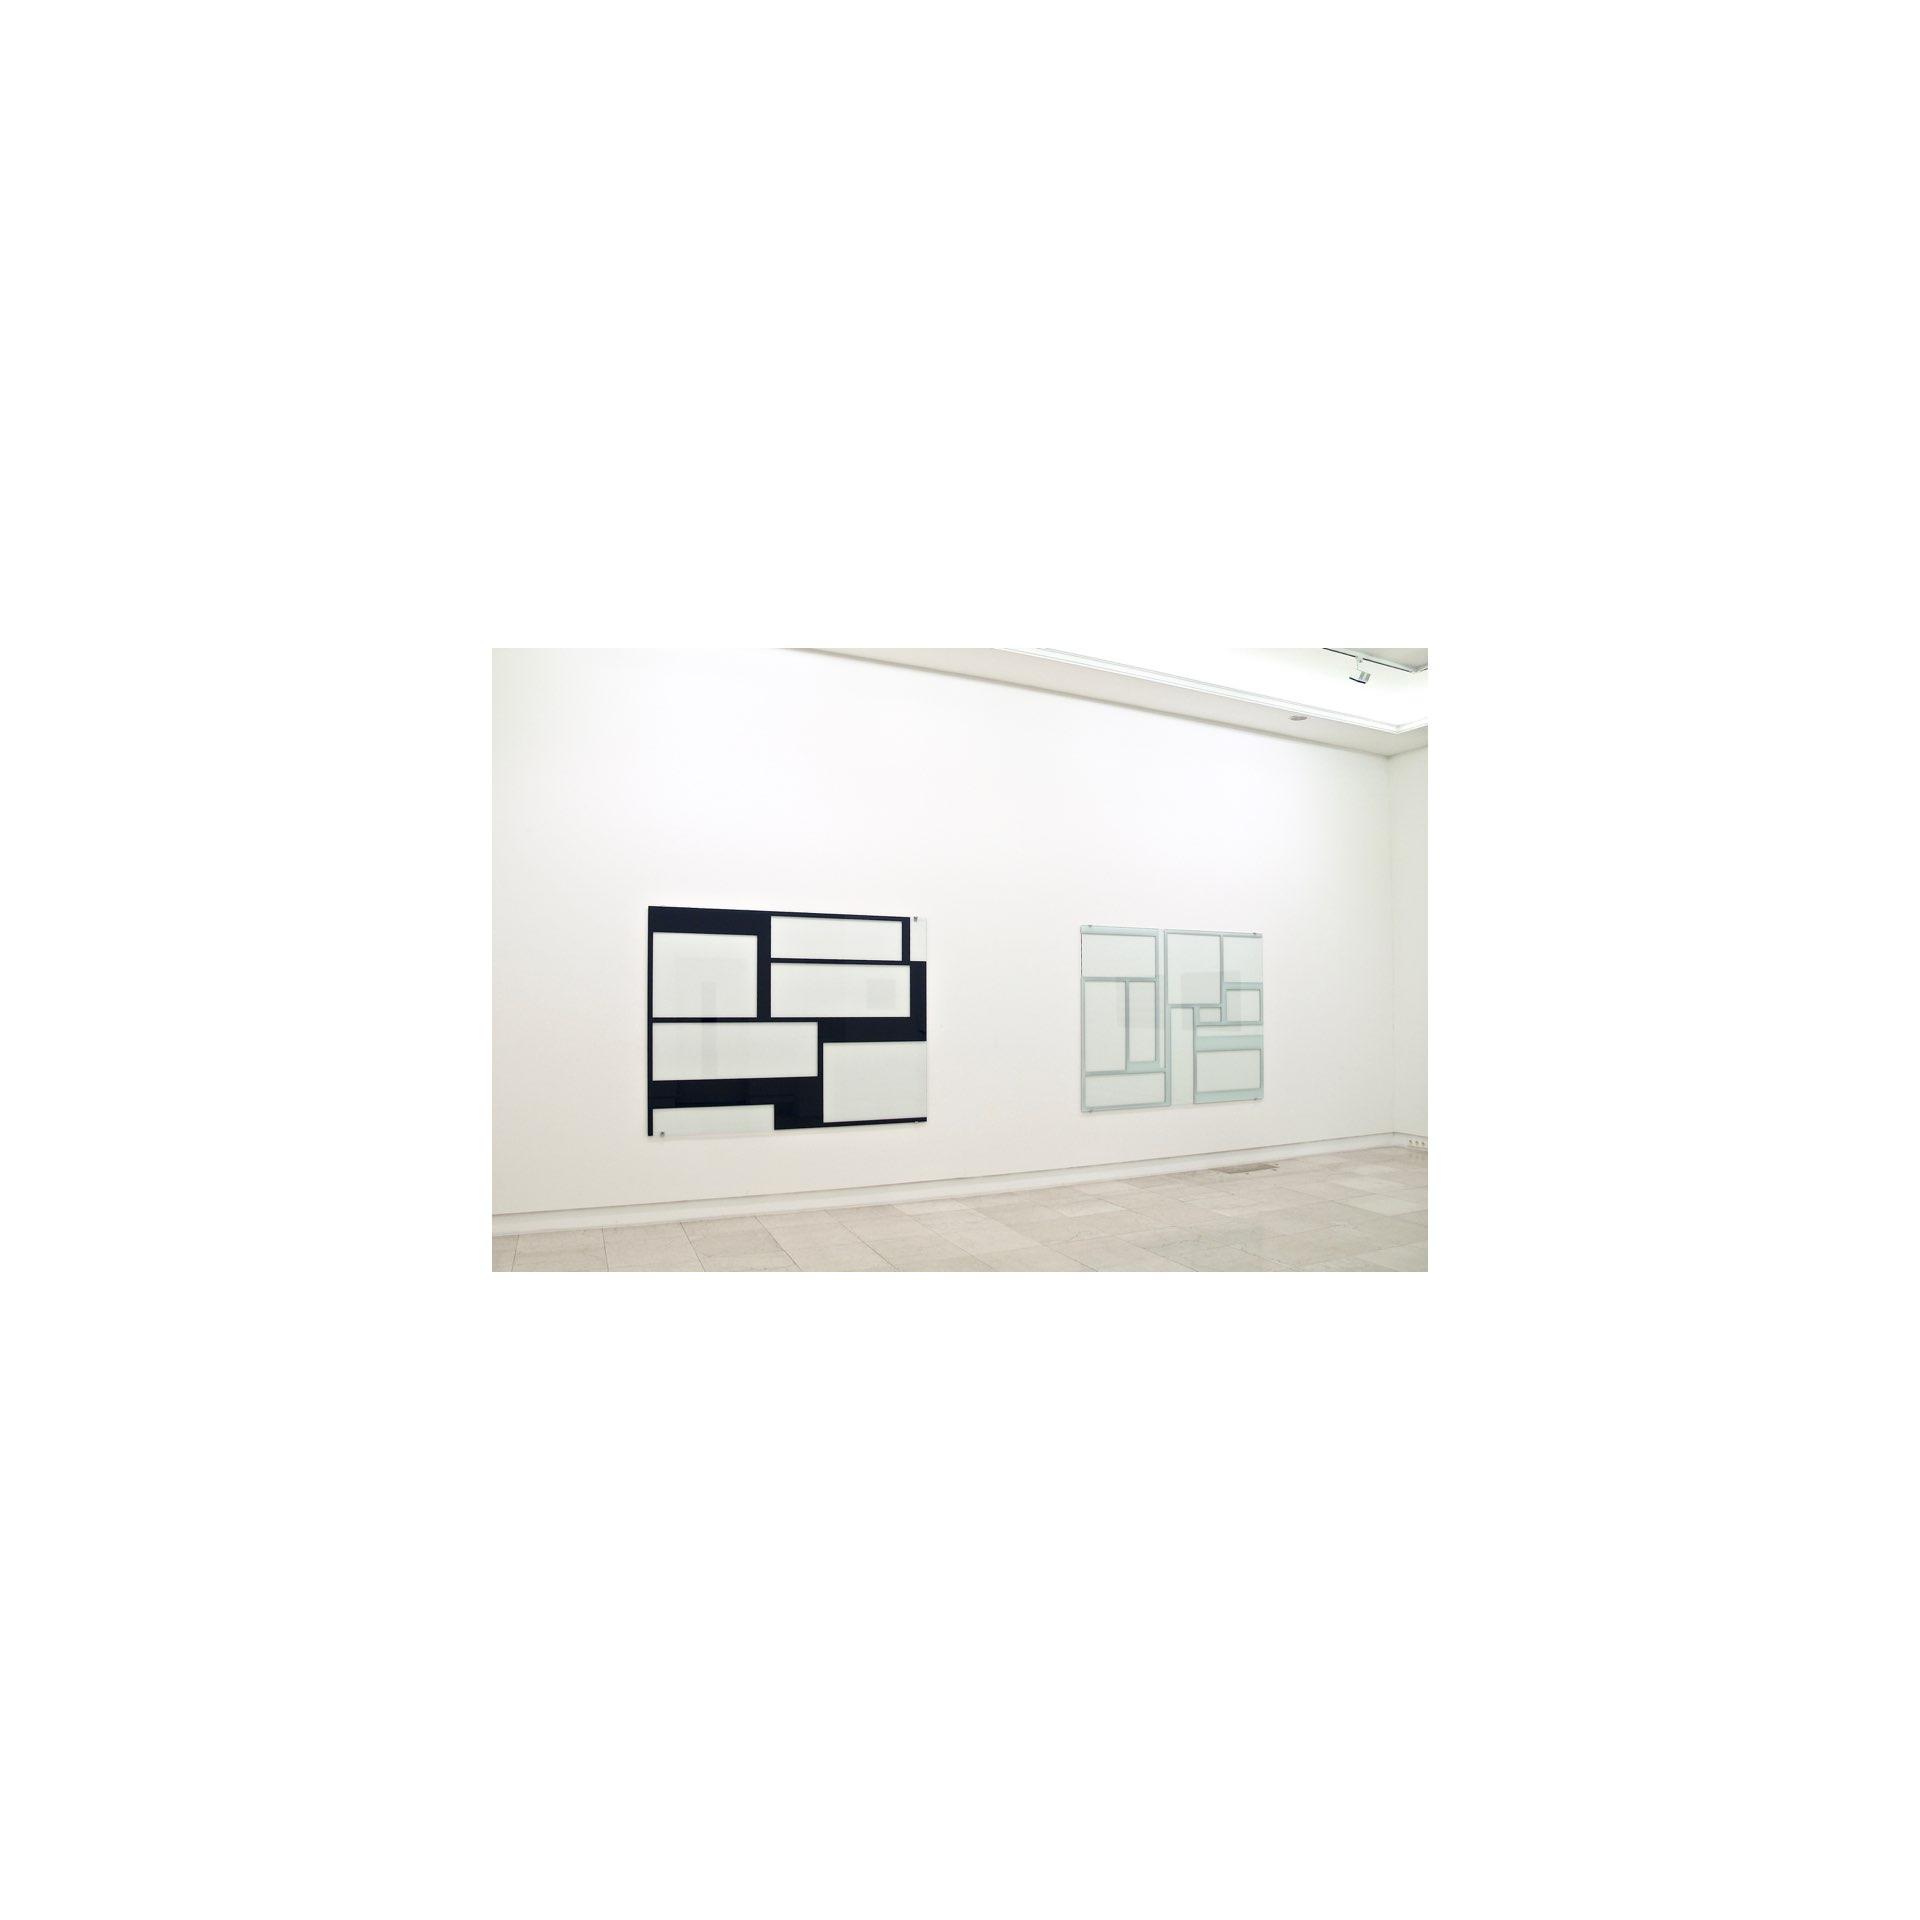 Blau, Weiß<br>2005, Hinterglasmalerei / reverse glass painting, 150x200cm| 2005, Hinterglasmalerei / reverse glass painting, 150x200cm